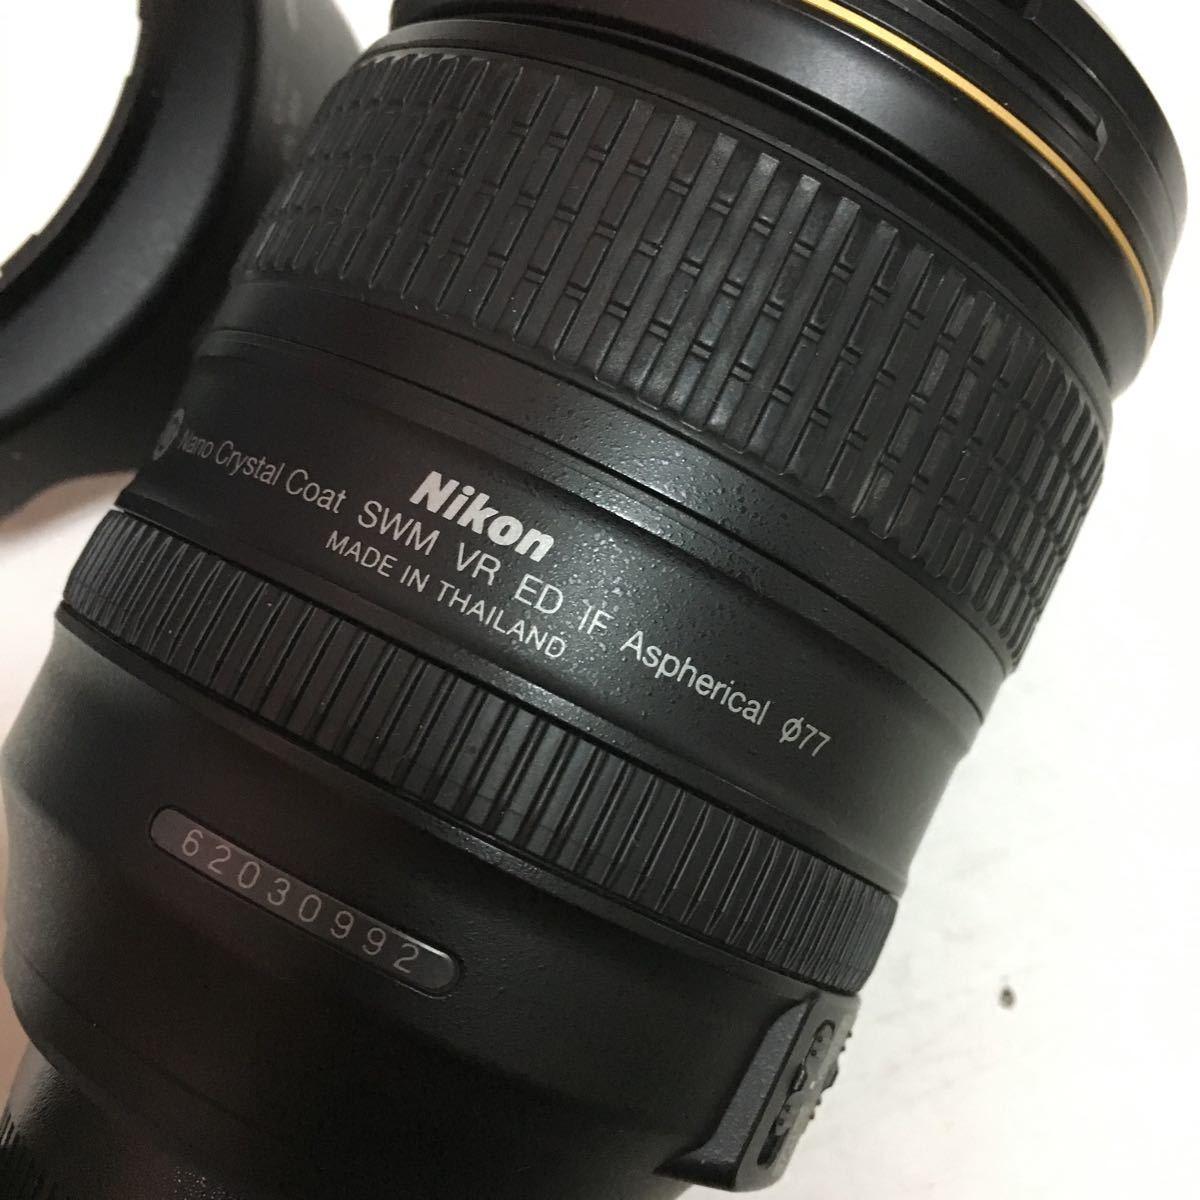 混入あり Nikon 標準ズームレンズ AF-S NIKKOR 24-120mm f/4G ED VR フルサイズ対応_画像5